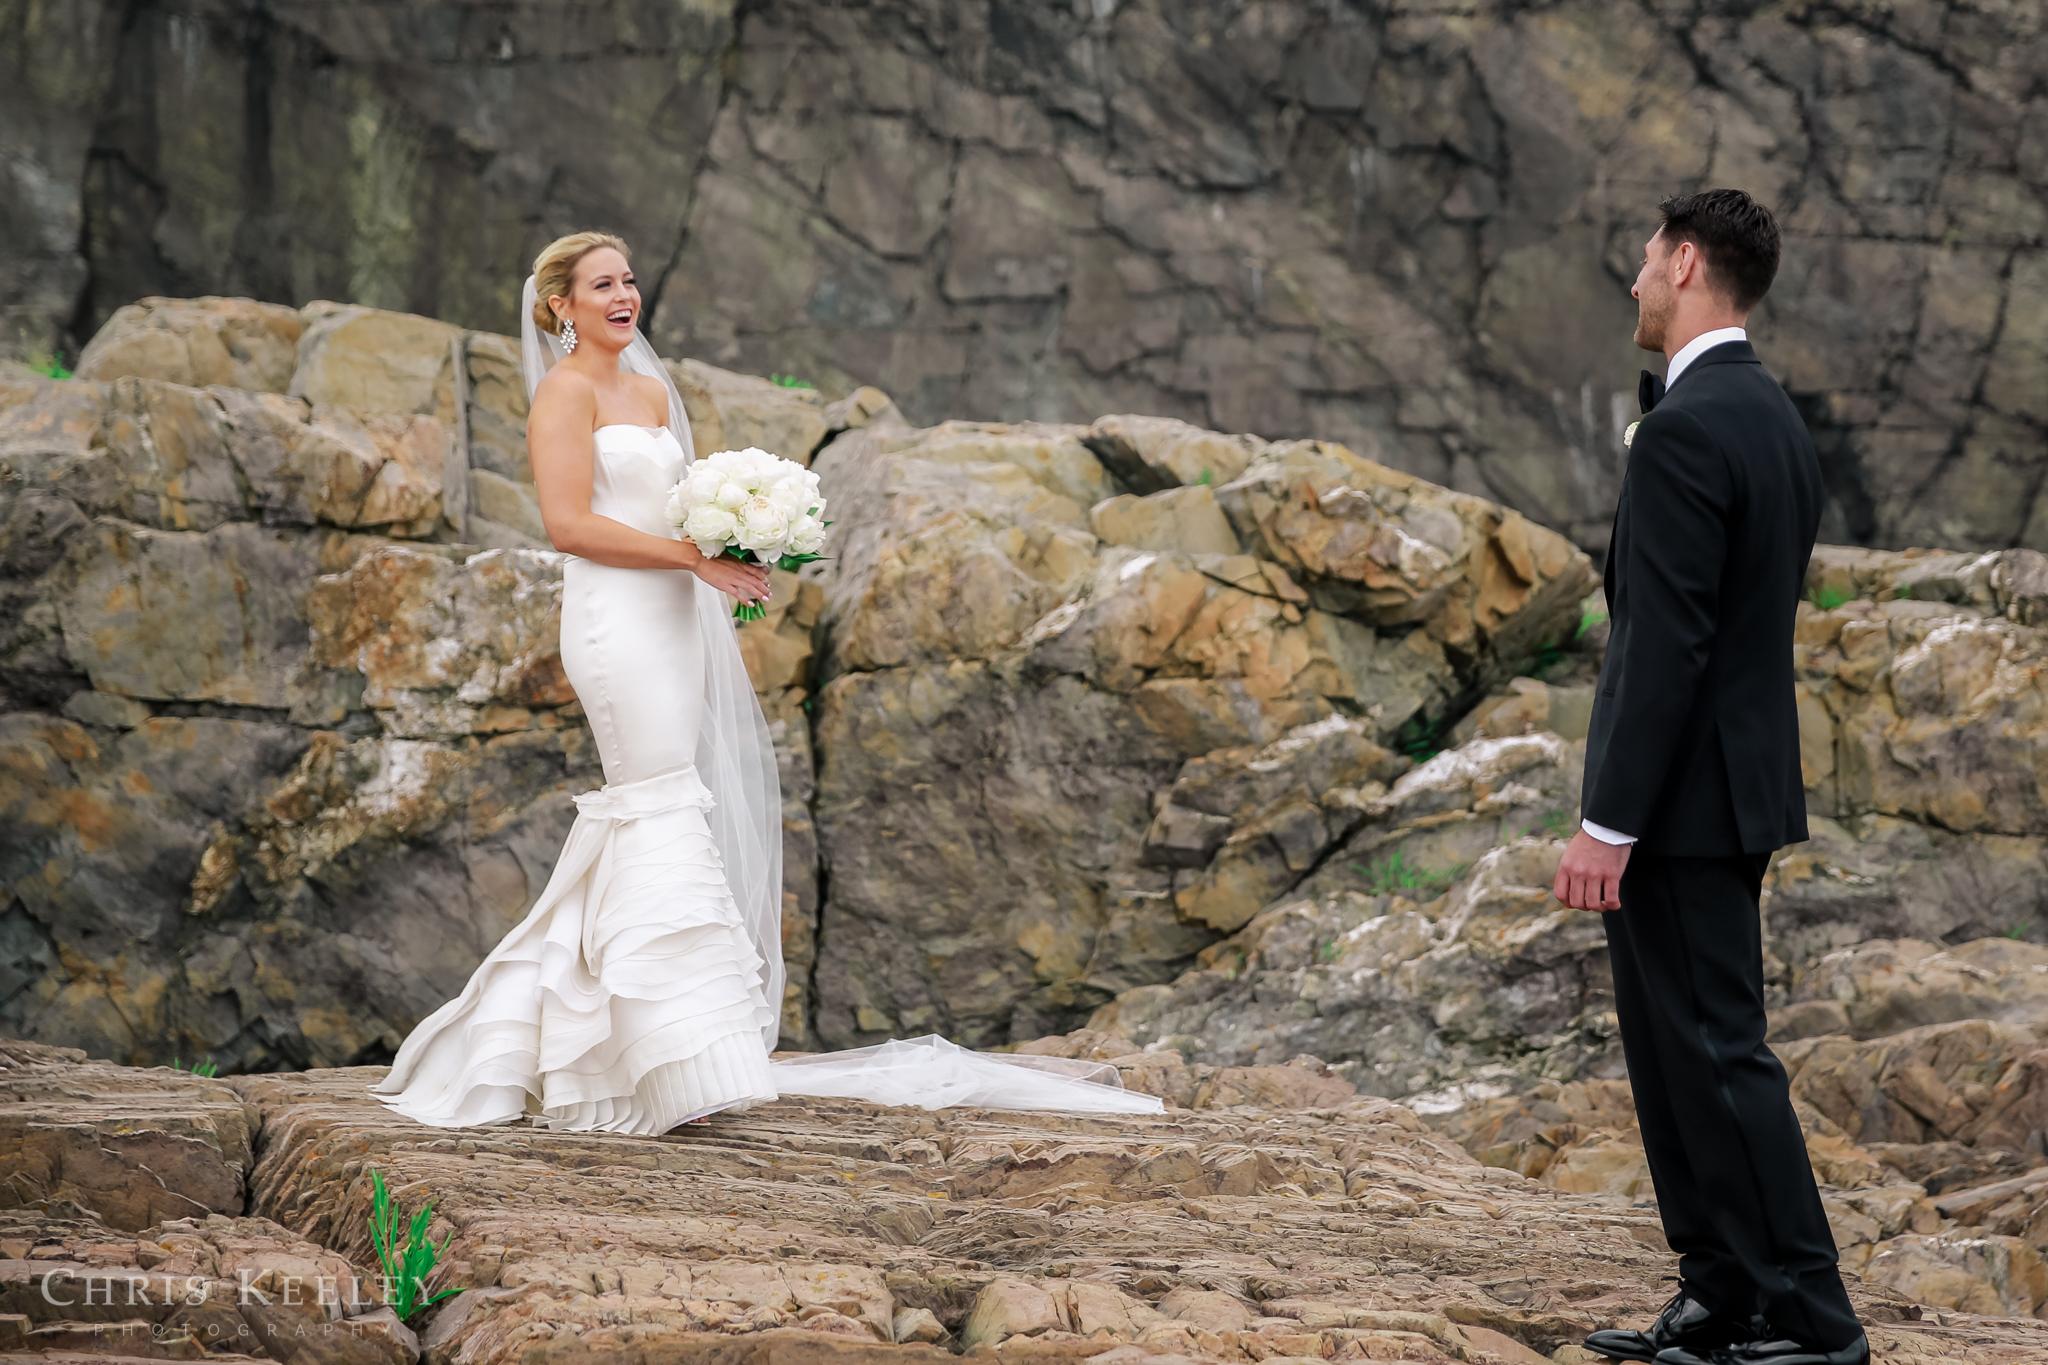 cliff-house-maine-wedding-photographer-chris-keeley-30.jpg